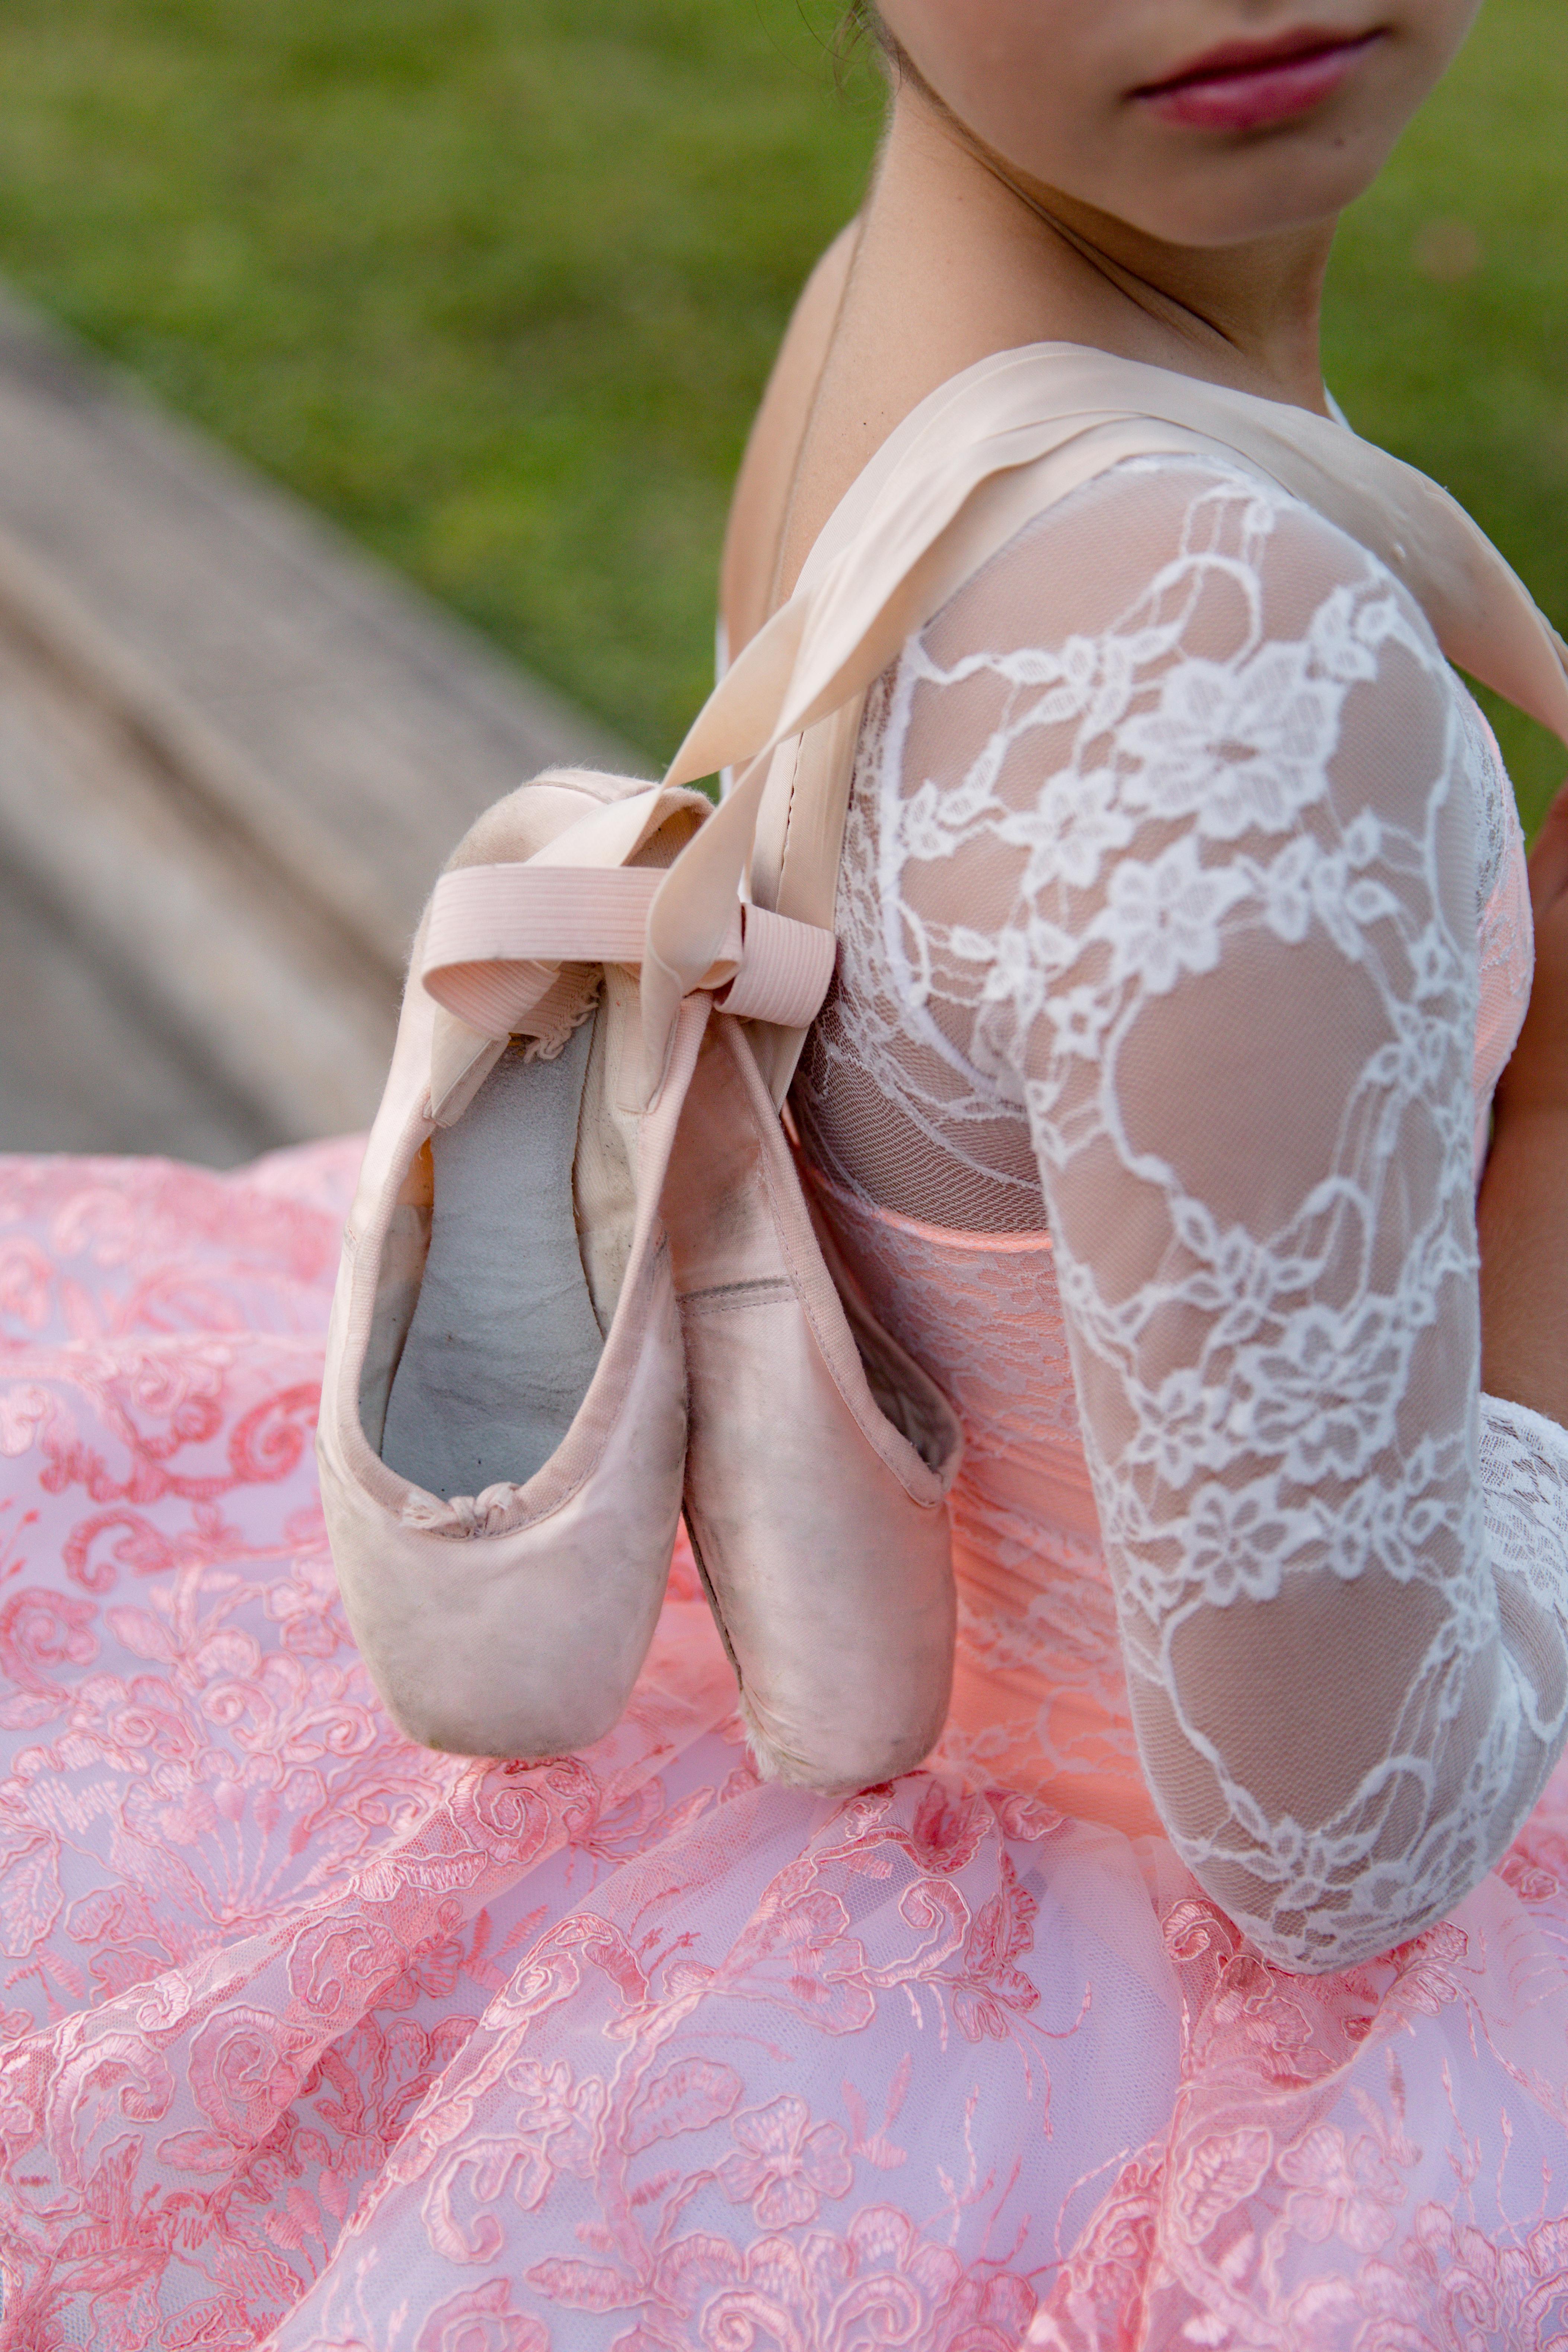 Ballerinas-19295